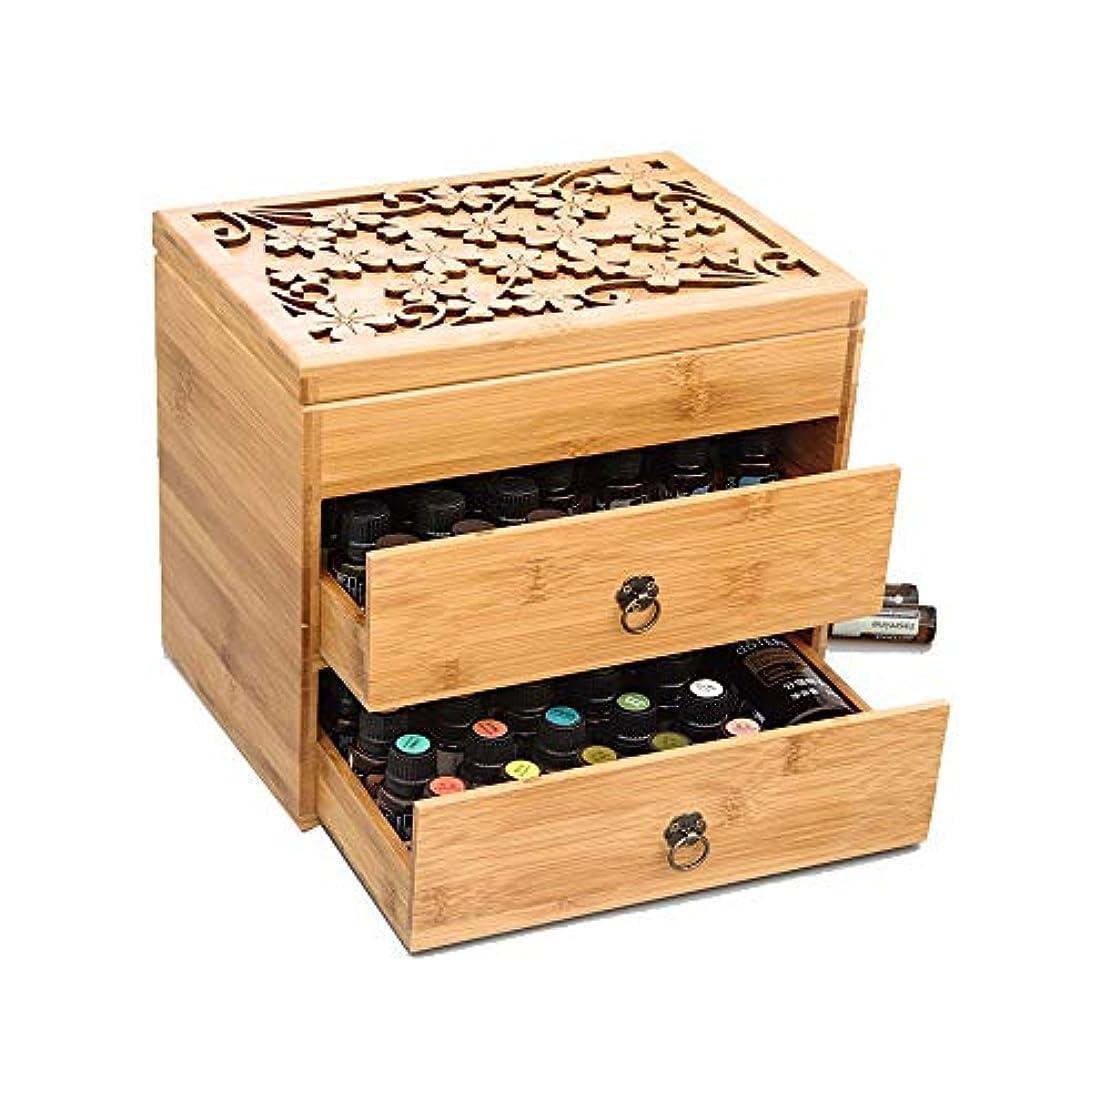 補助金許されるエッセンシャルオイルの保管 3ティアエッセンシャルオイルボックス木製収納ケースは、エレガントな装飾的なデザインでは5、10&15ミリリットルボトルを保護します (色 : Natural, サイズ : 26X18X24.5CM)